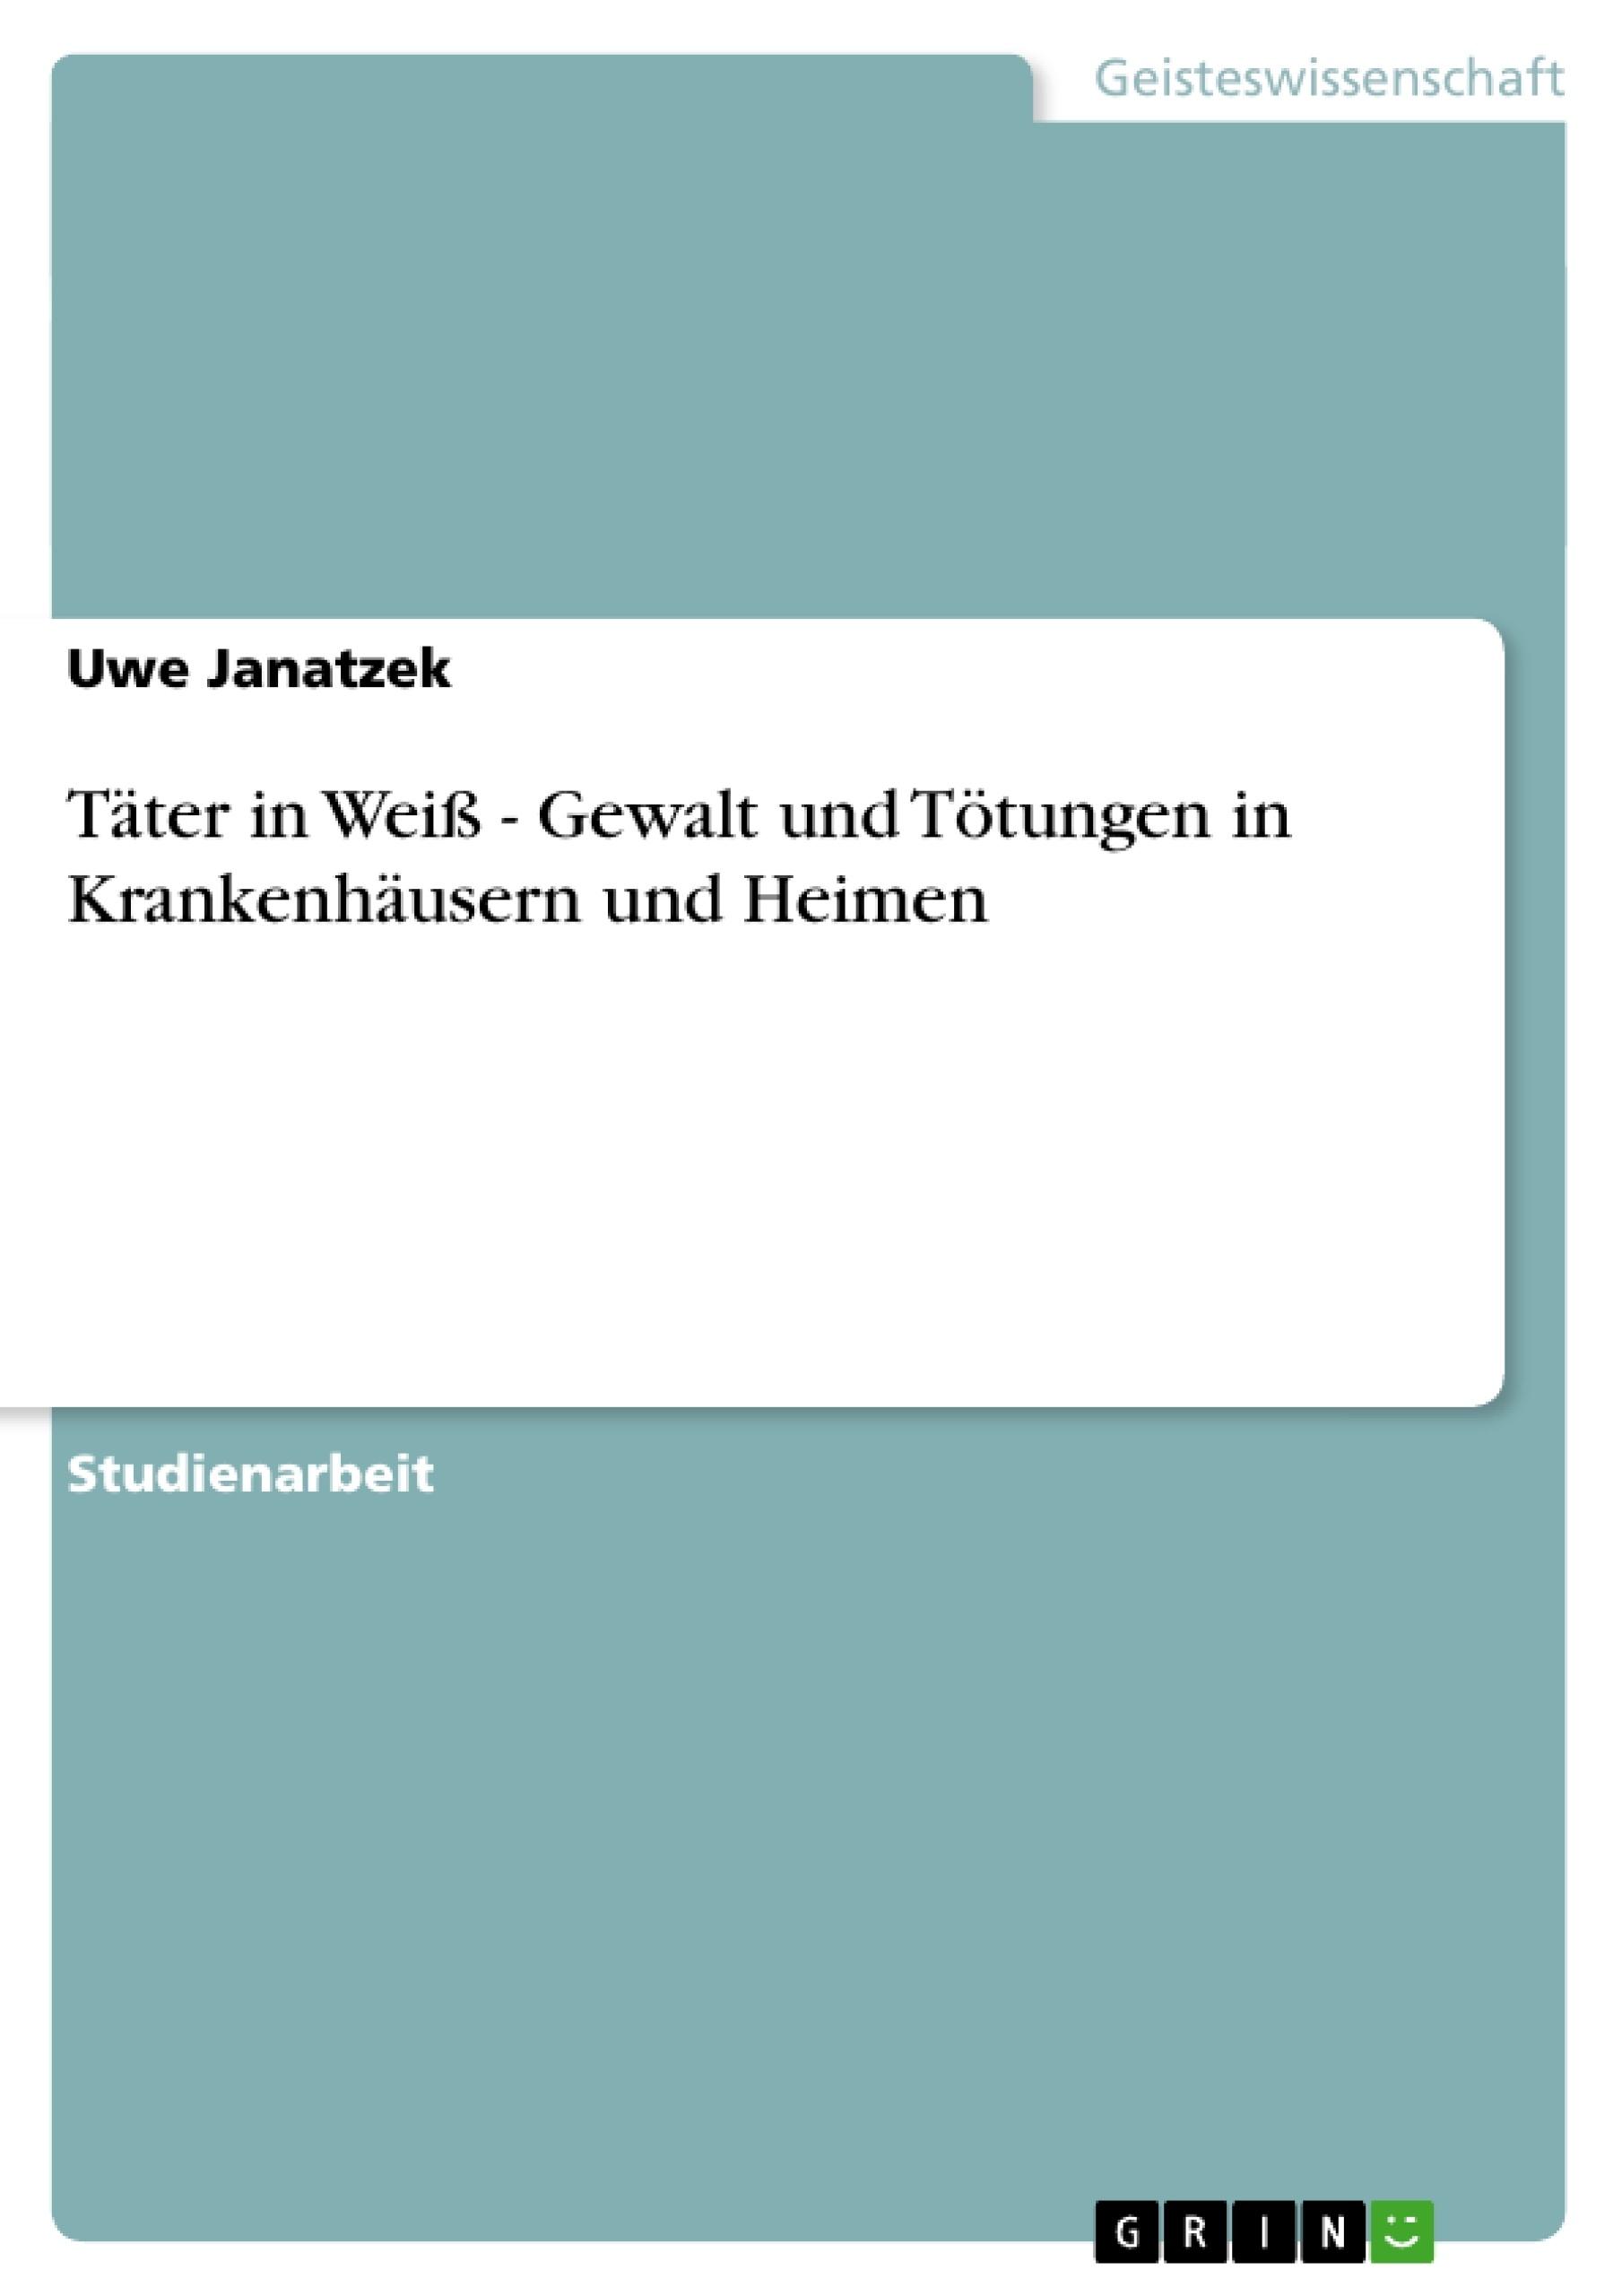 Titel: Täter in Weiß - Gewalt und Tötungen in Krankenhäusern und Heimen